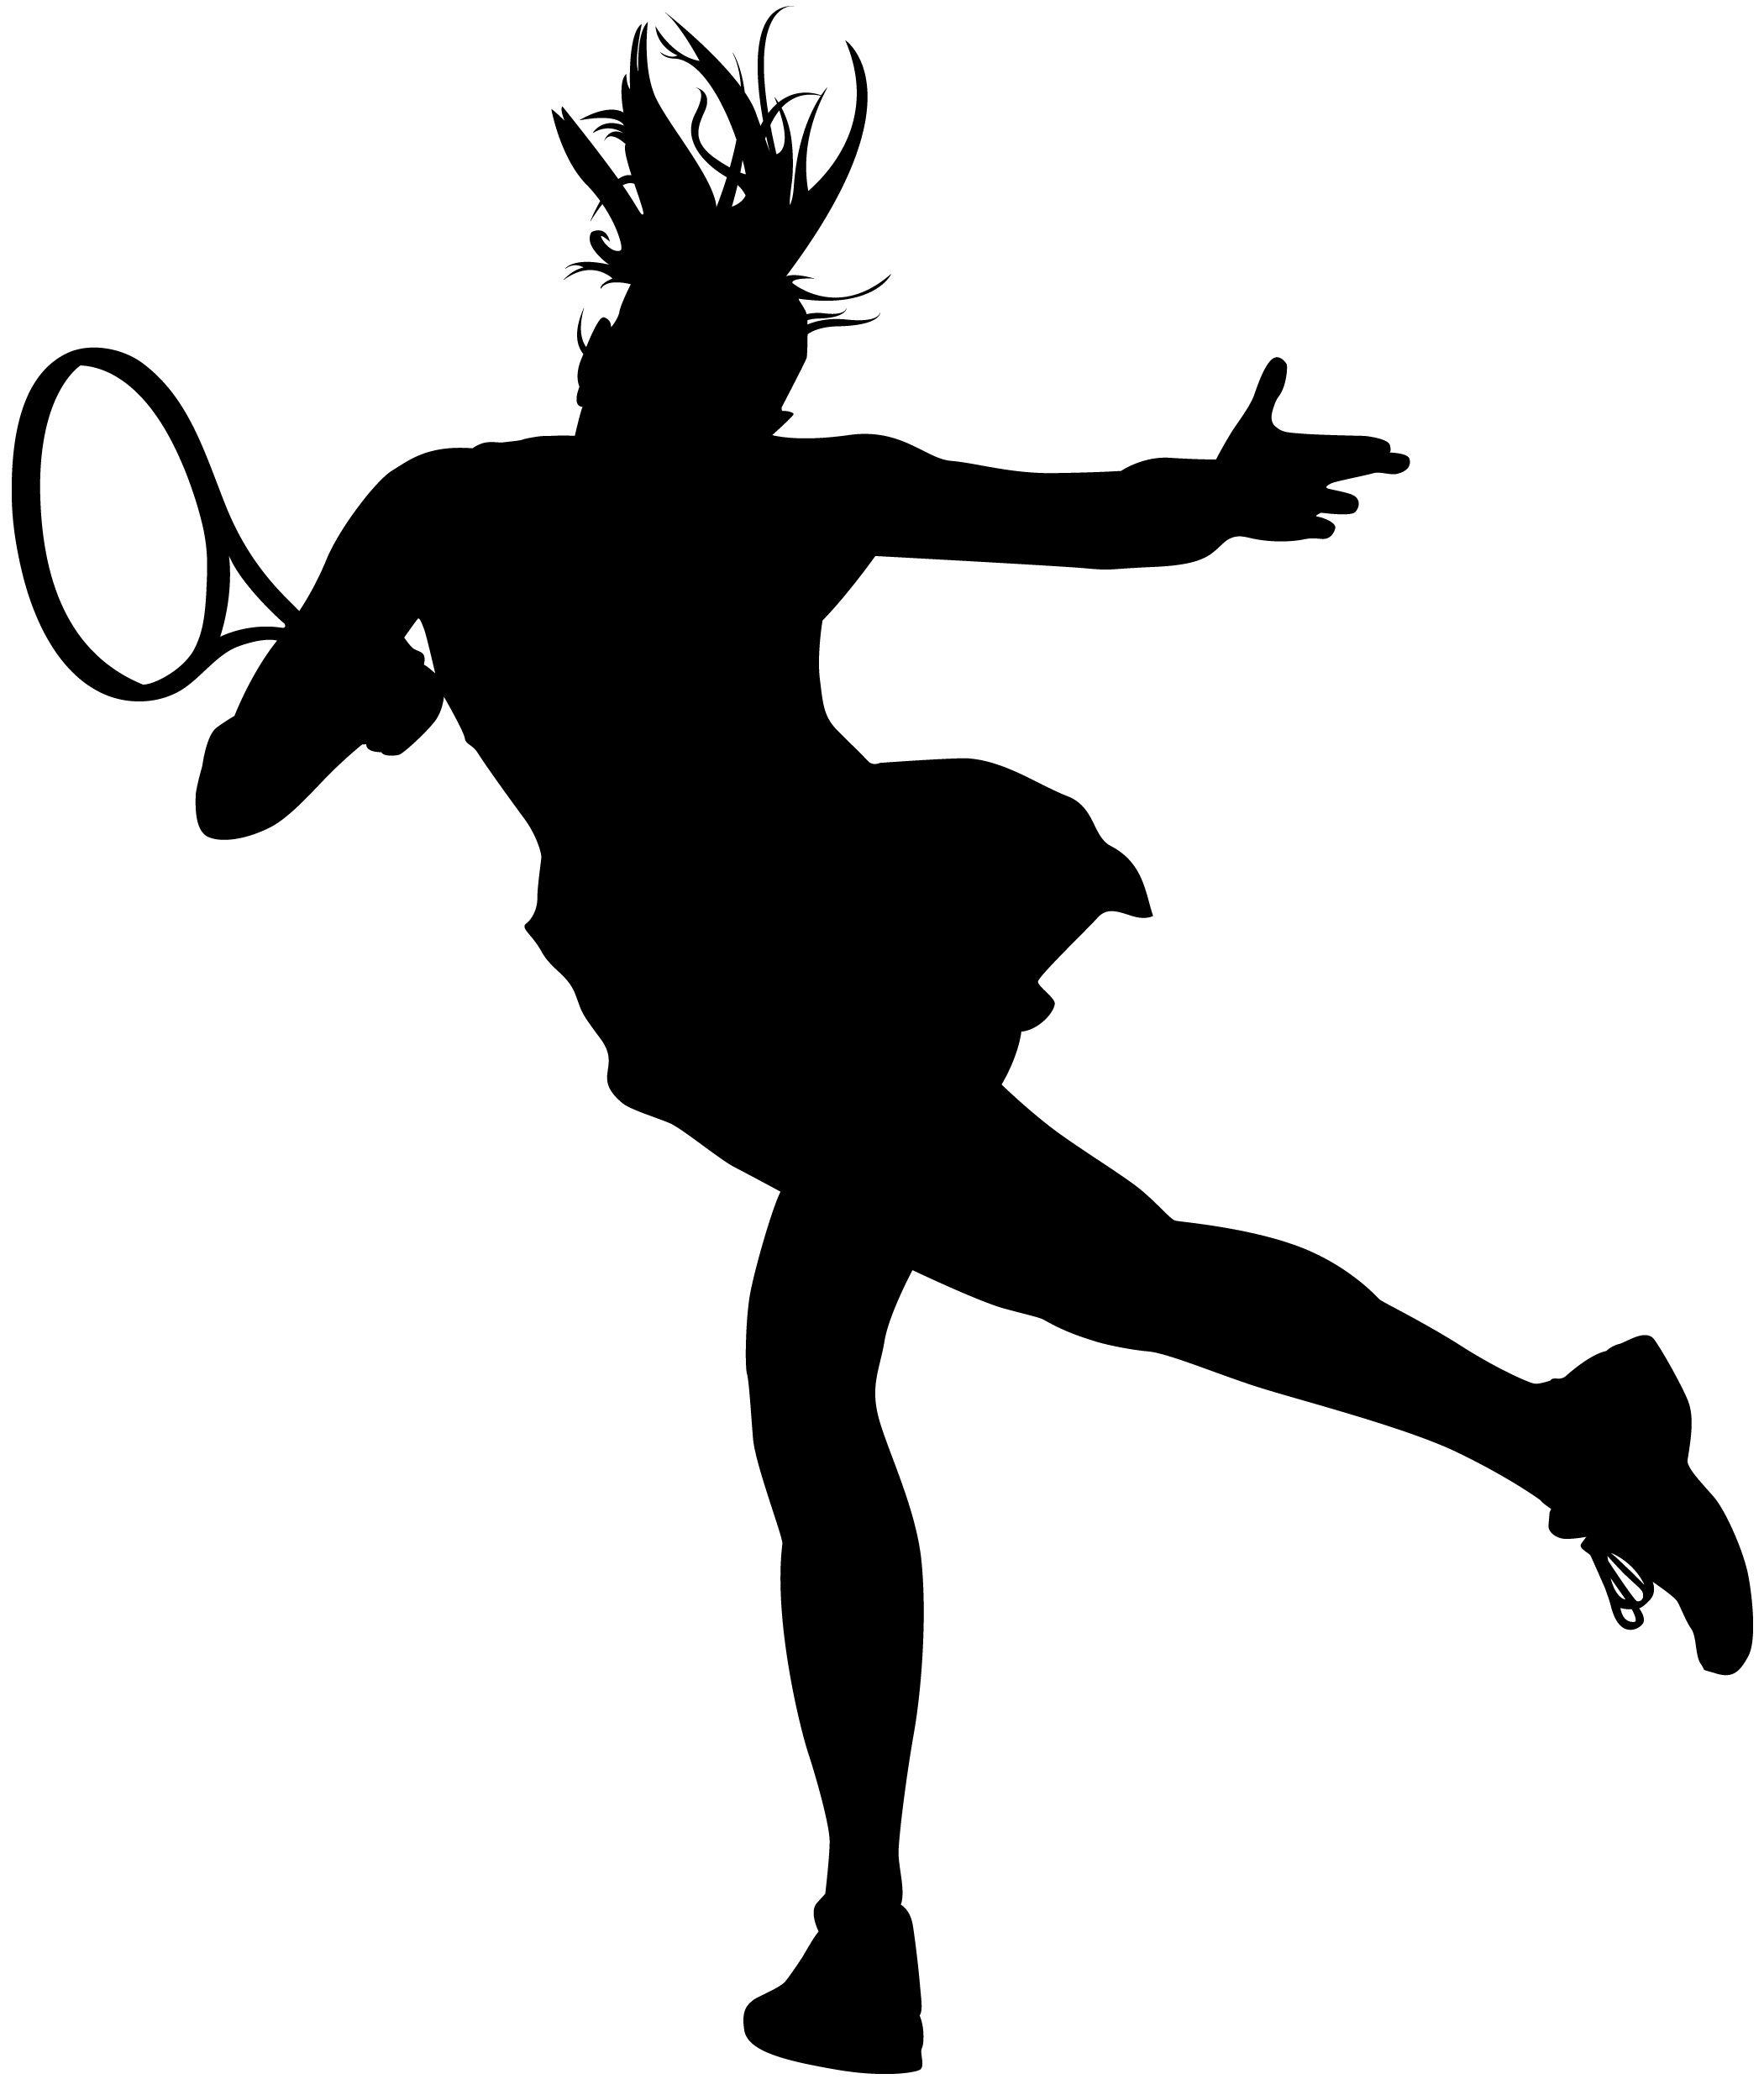 Altacor Eye Products Tennis Art Silhouette Art Tennis Wallpaper